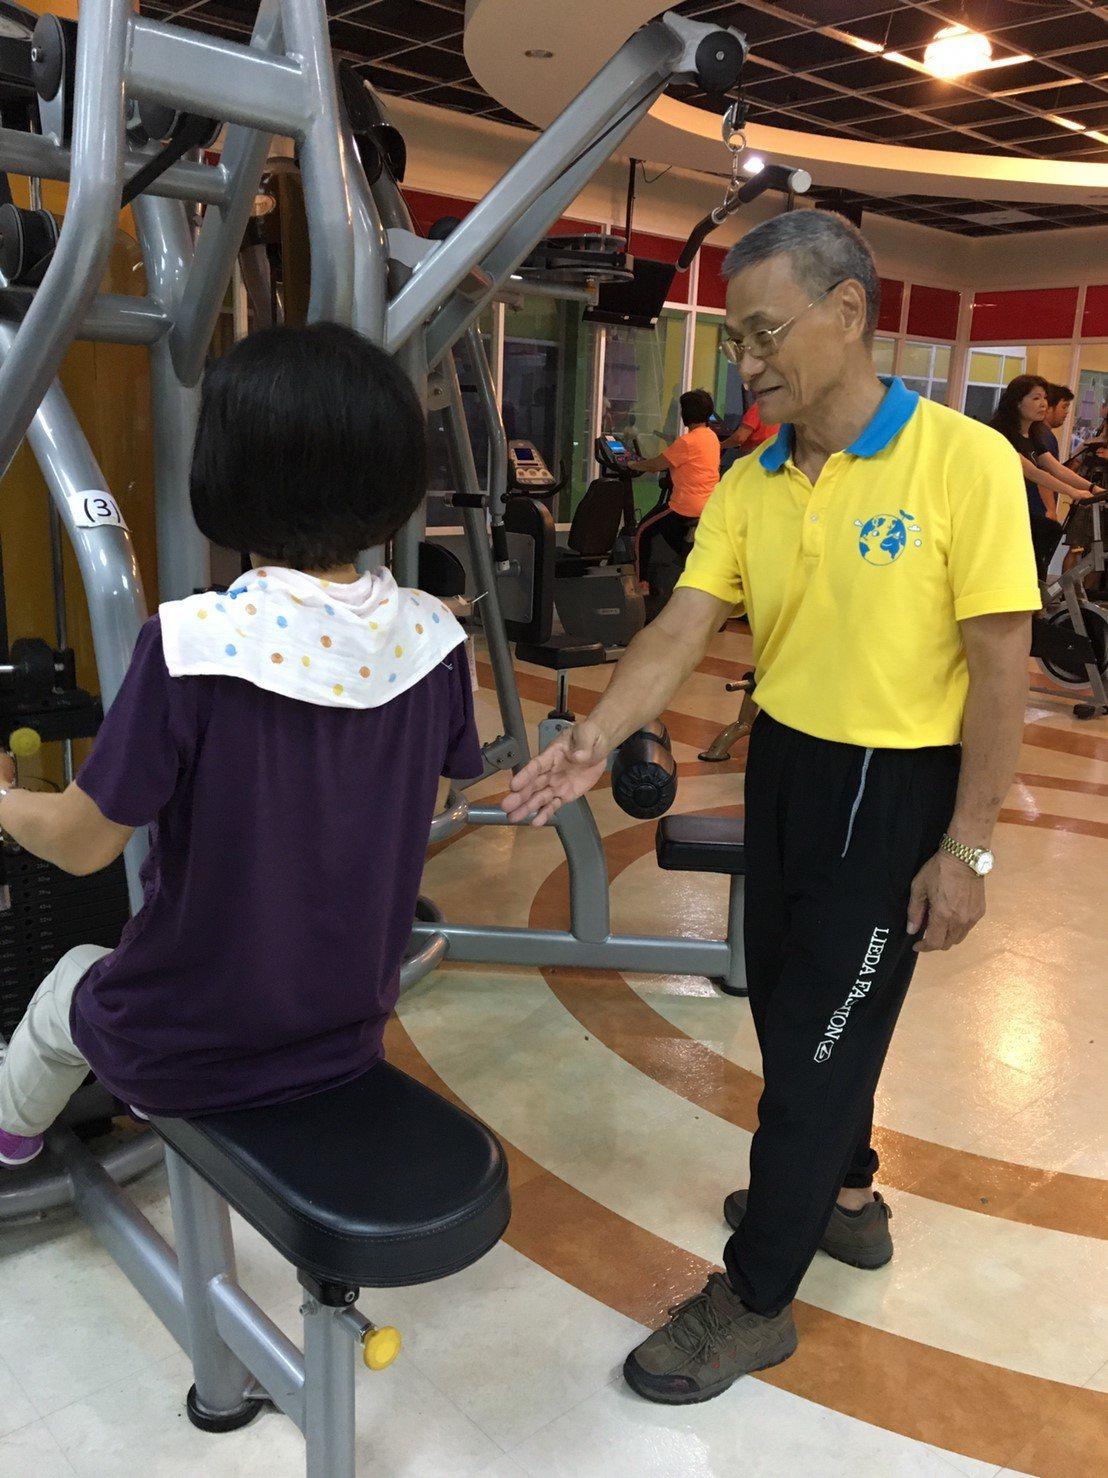 76歲高齡指導員攜手大學生 偏鄉健身房助長輩健康